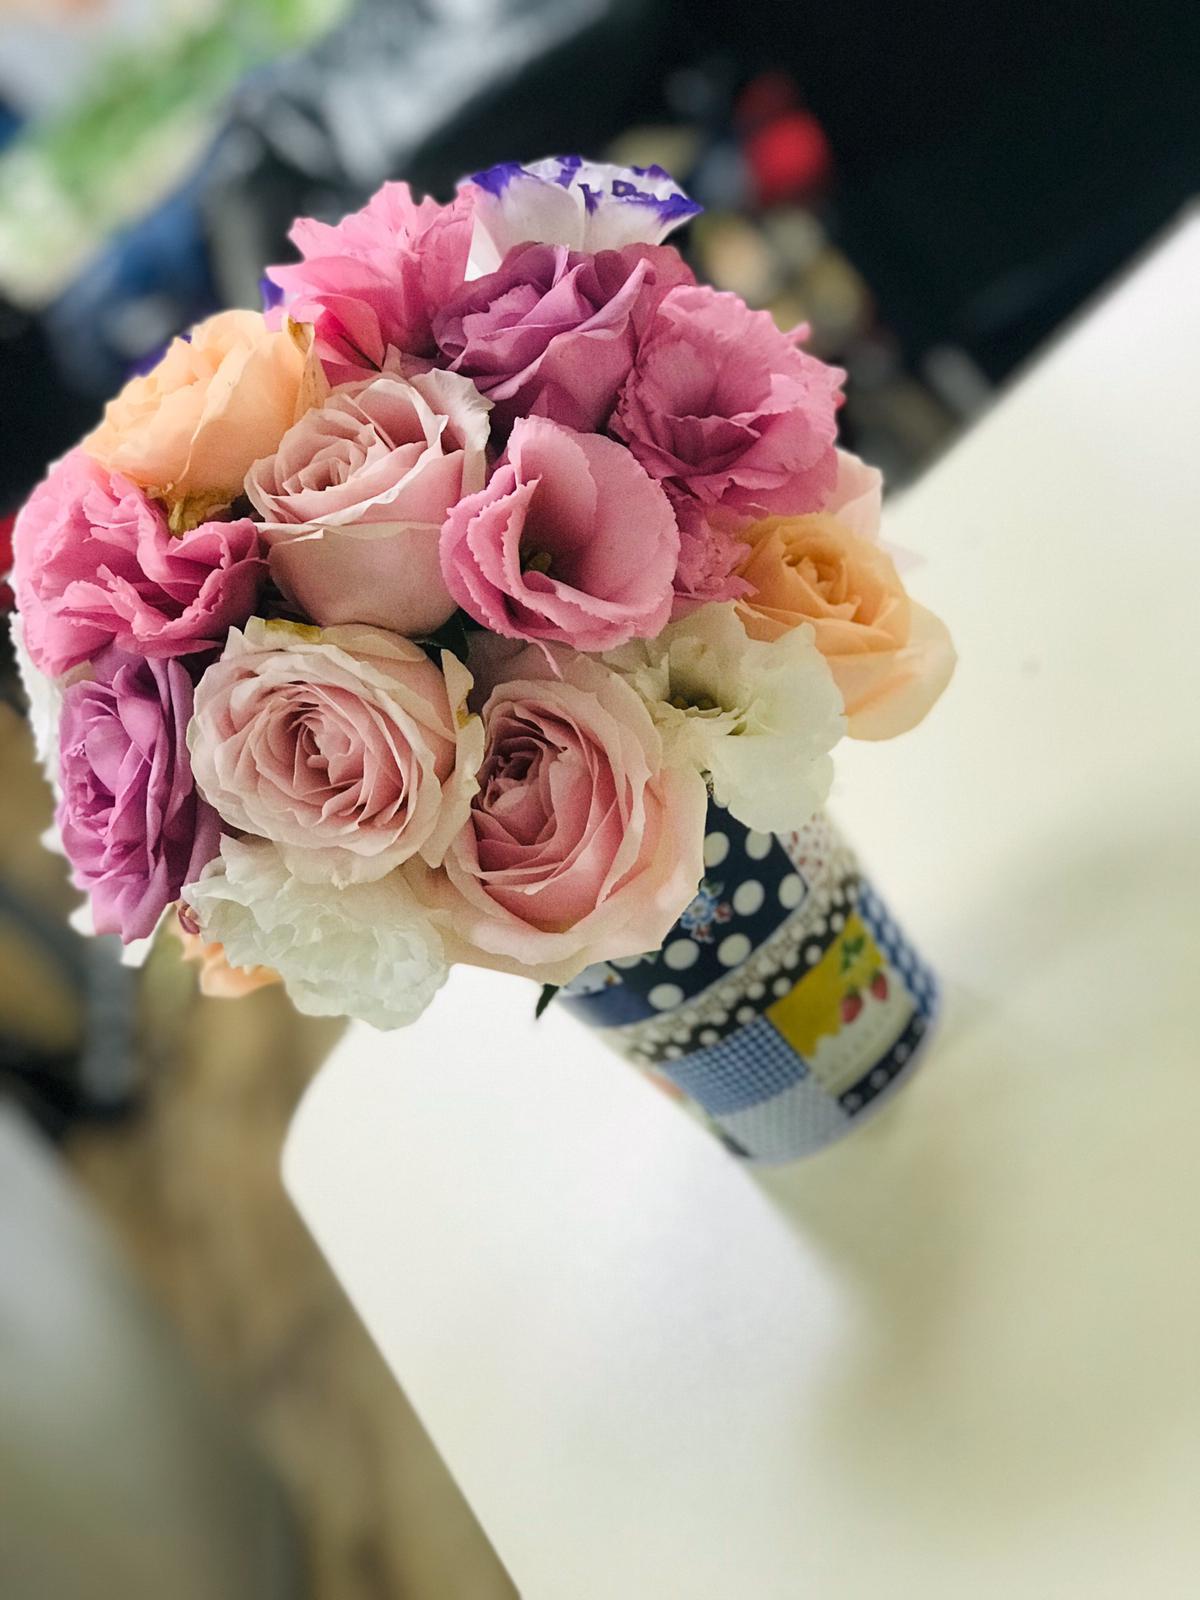 גלרייה - שיעור שזירת פרחים - קורס הפקת אירועים מחזור 24, 3 מתוך 35